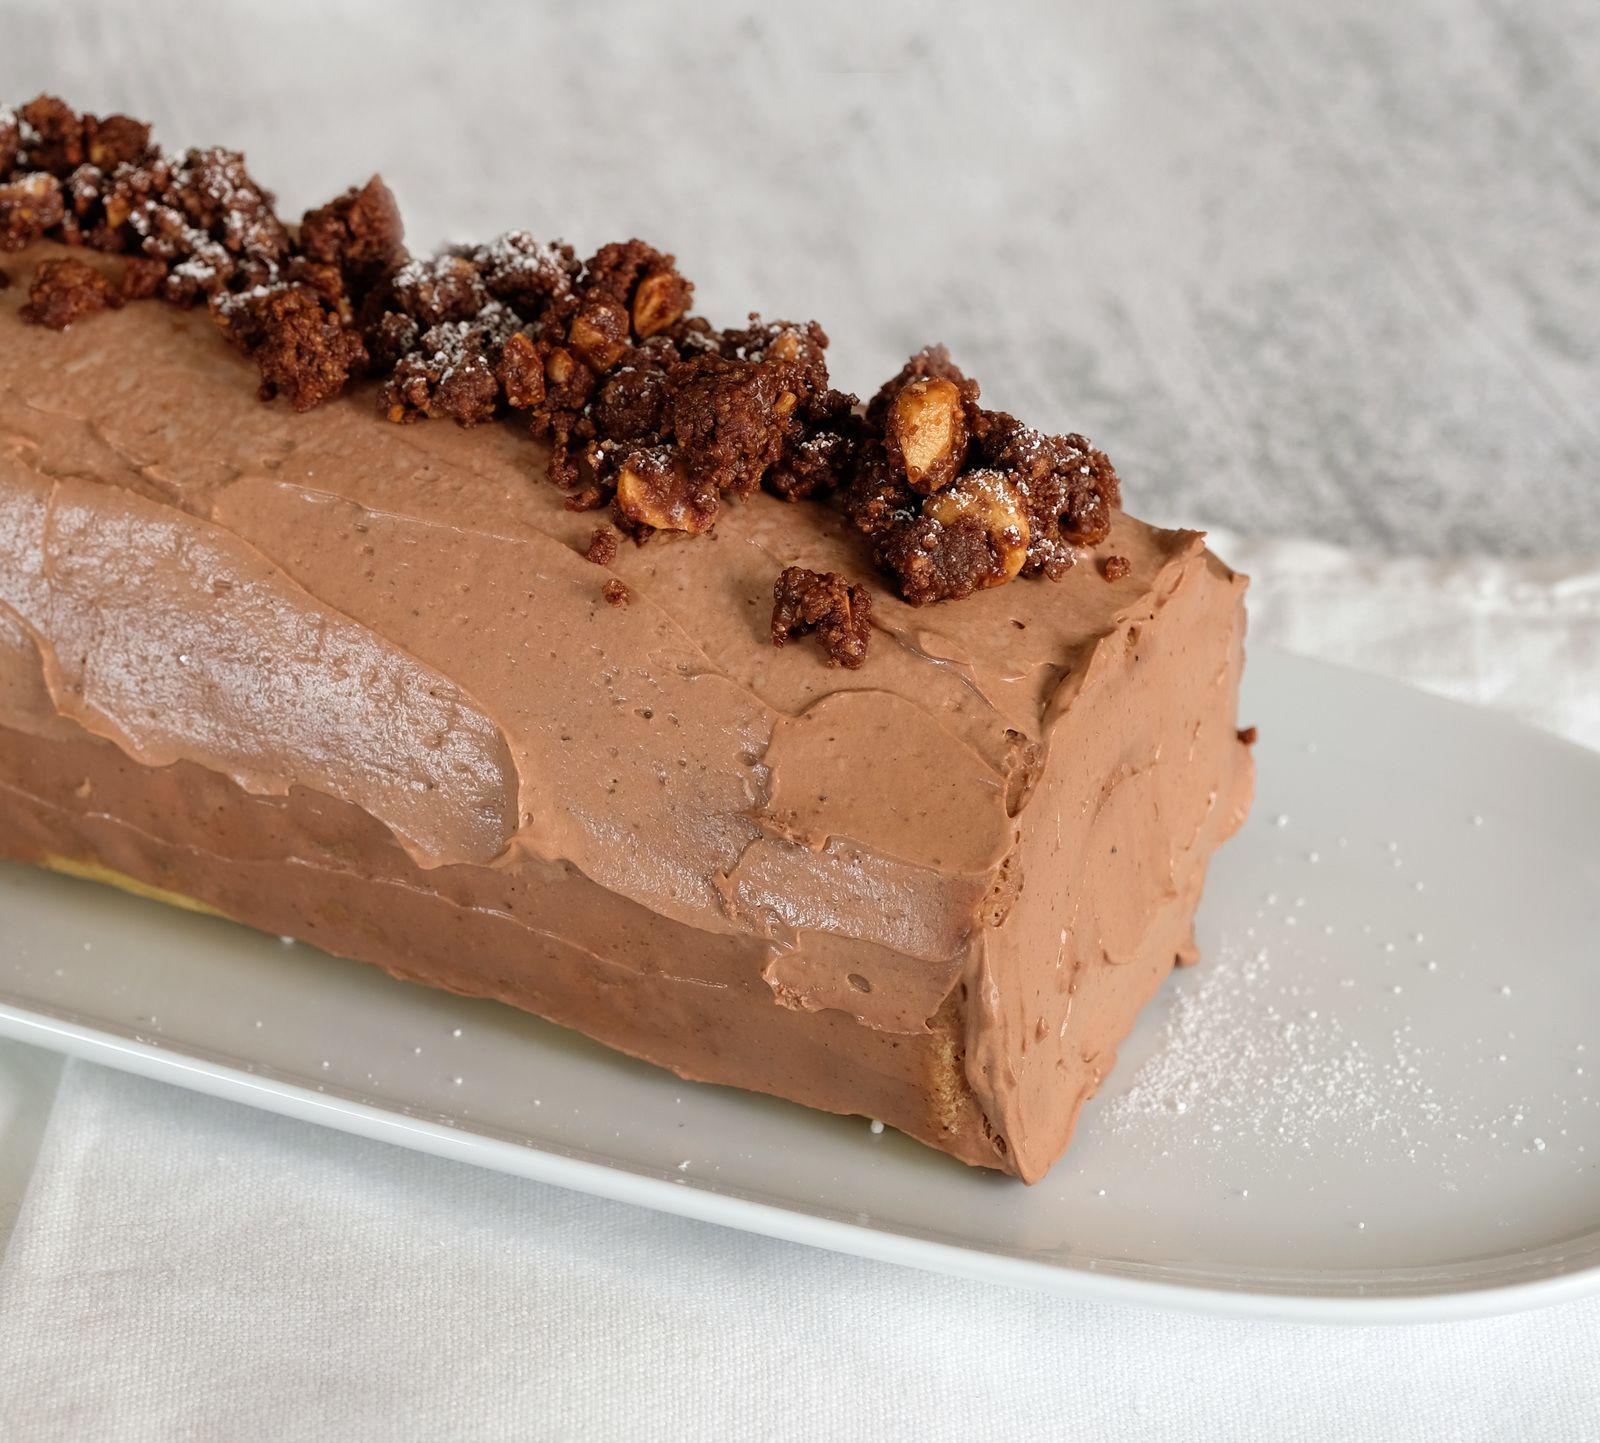 Biscuit roulé (bûche) chocolat noisette (Philippe Conticini)